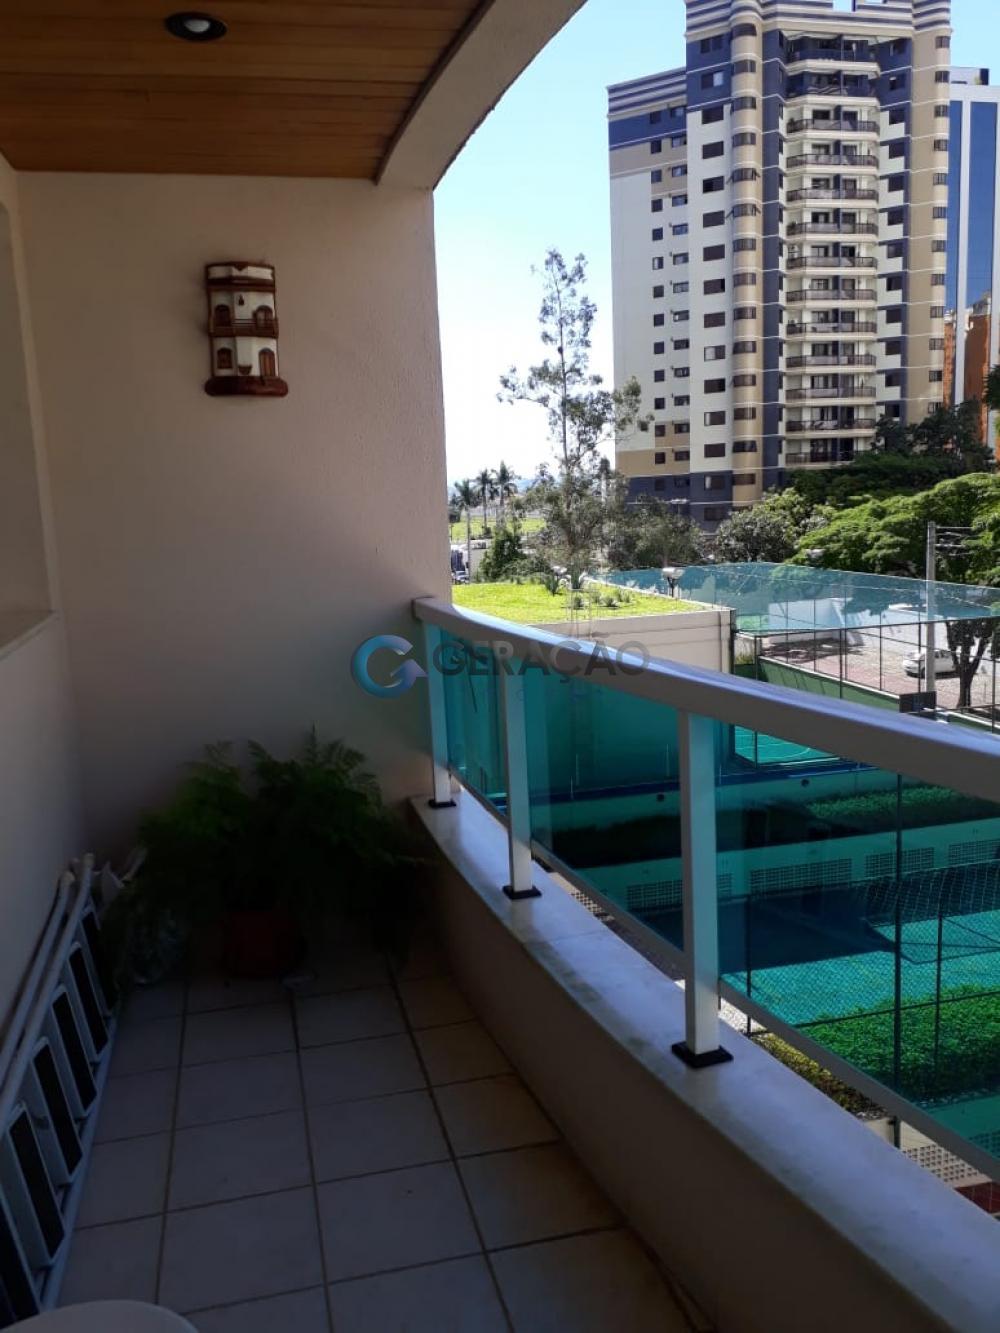 Comprar Apartamento / Padrão em São José dos Campos apenas R$ 670.000,00 - Foto 1